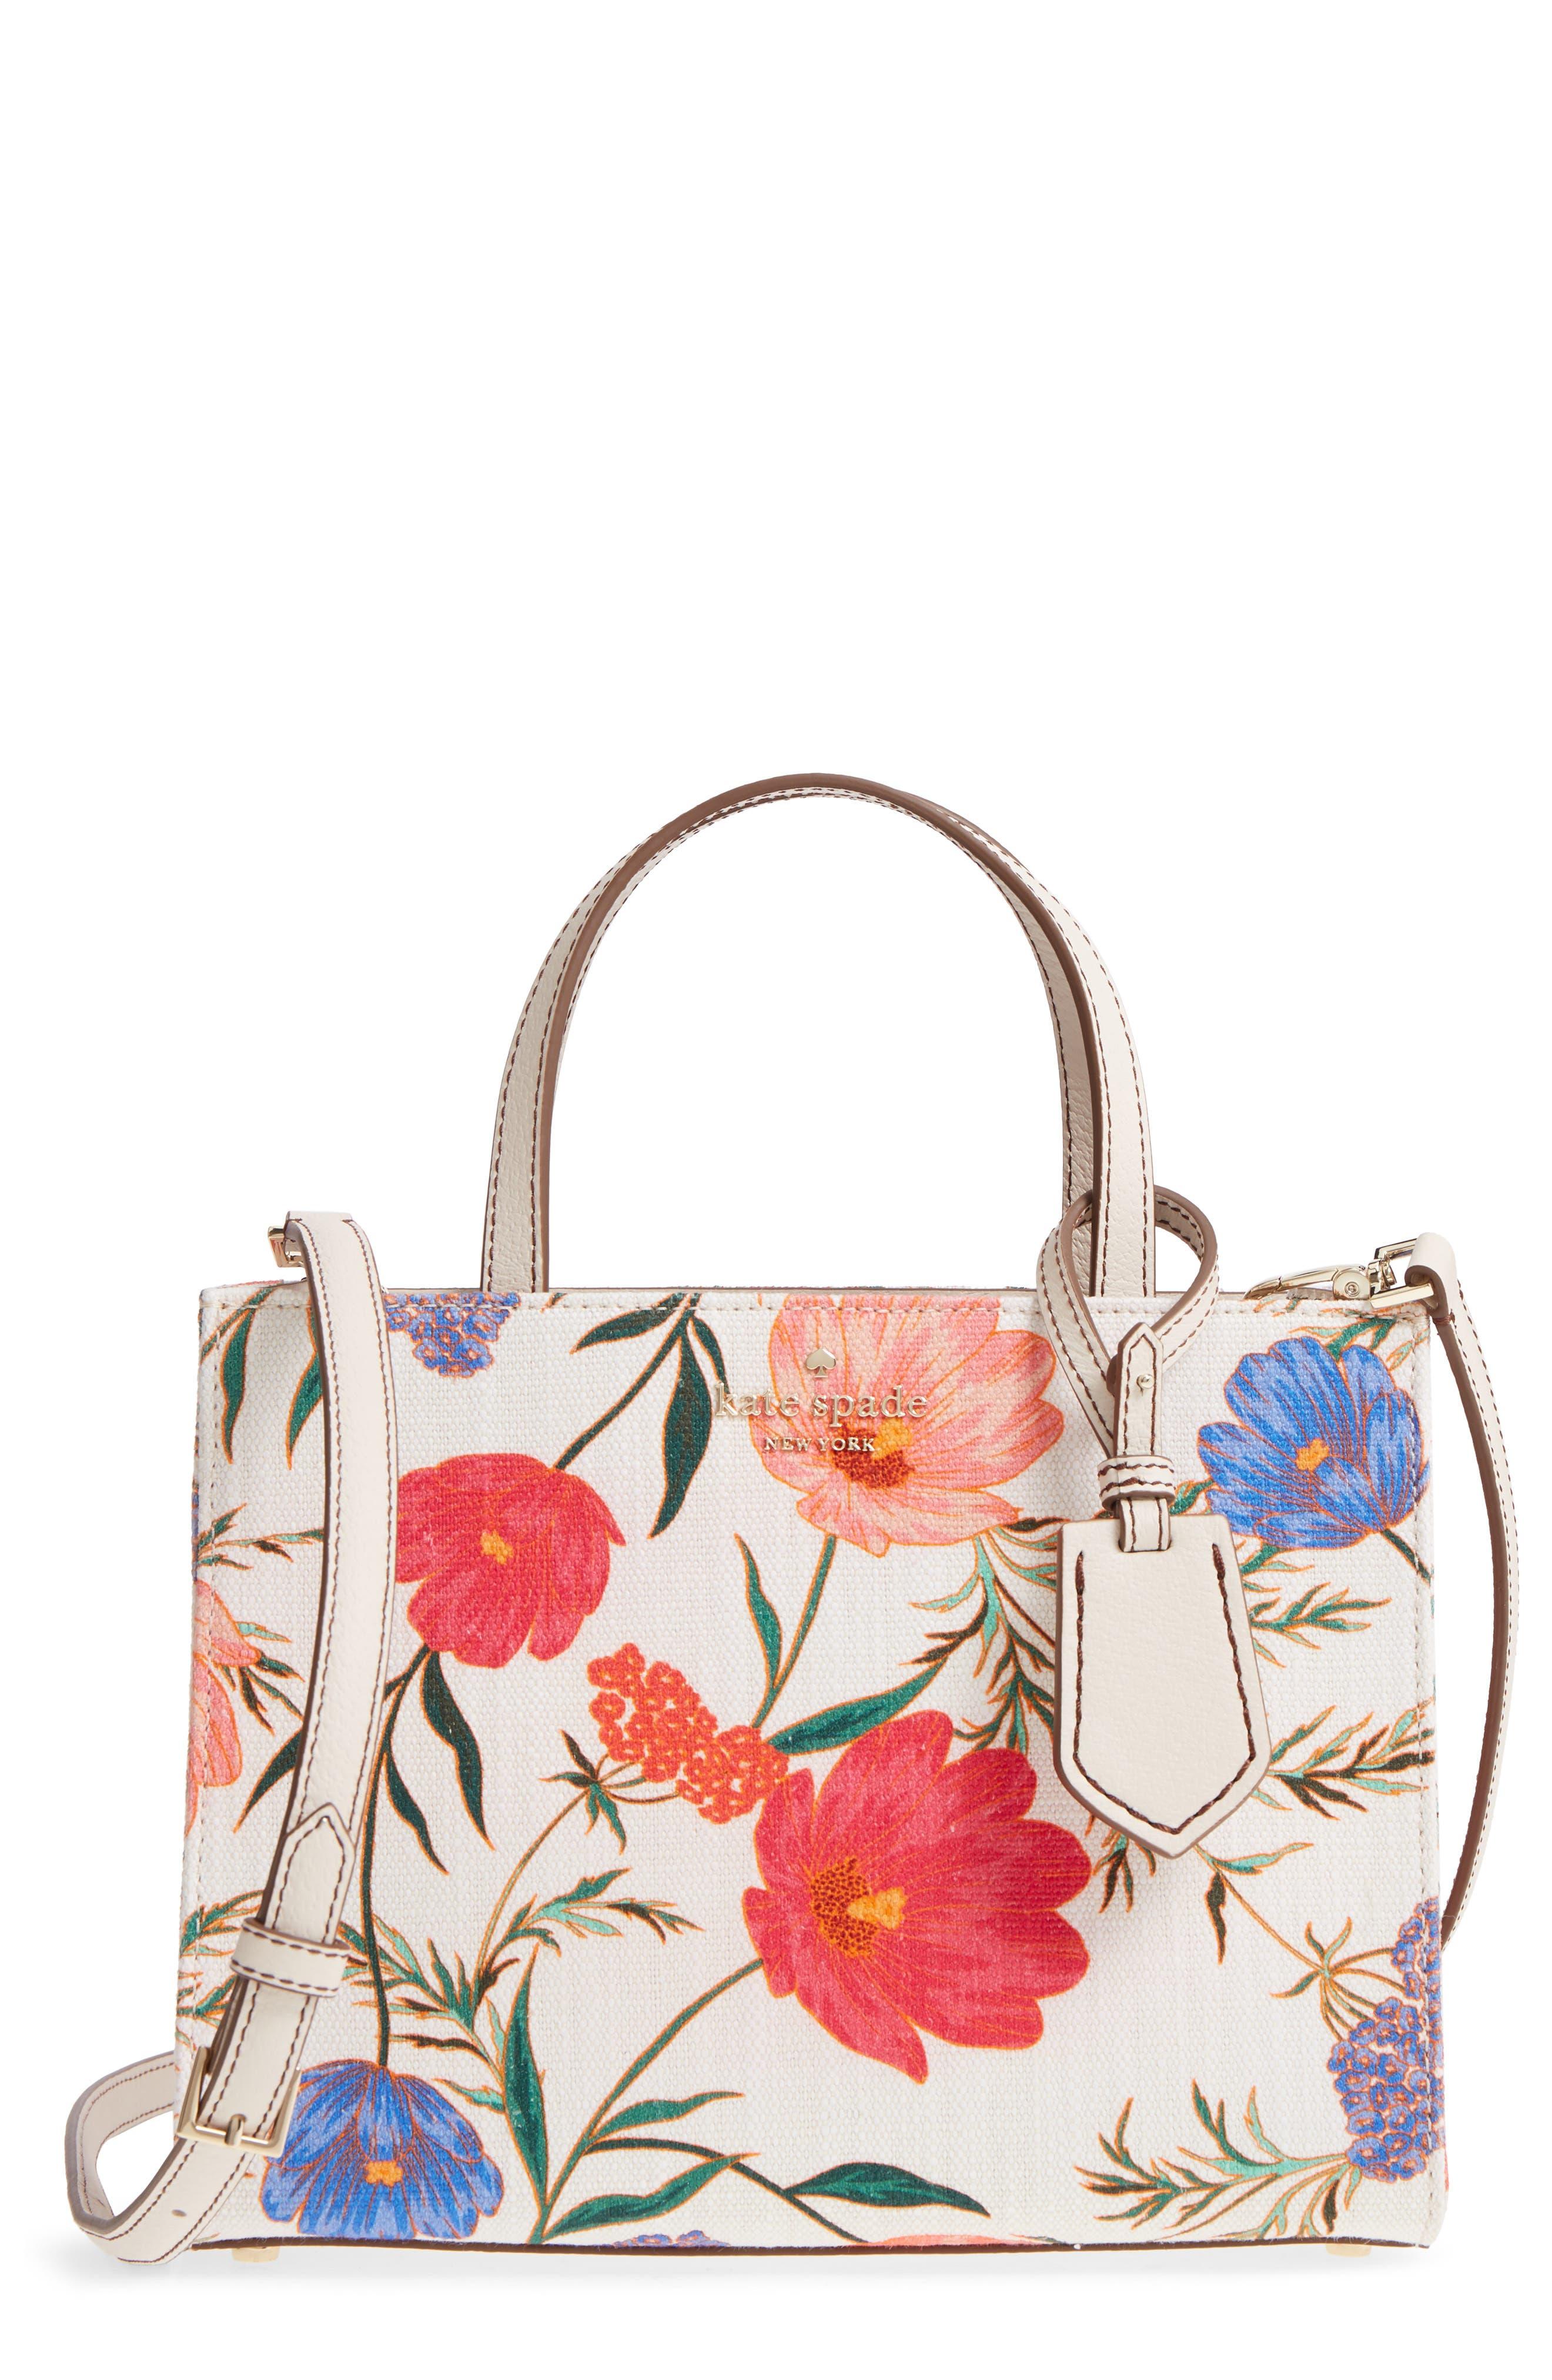 Main Image - kate spade new york thompson street - sam fabric handbag